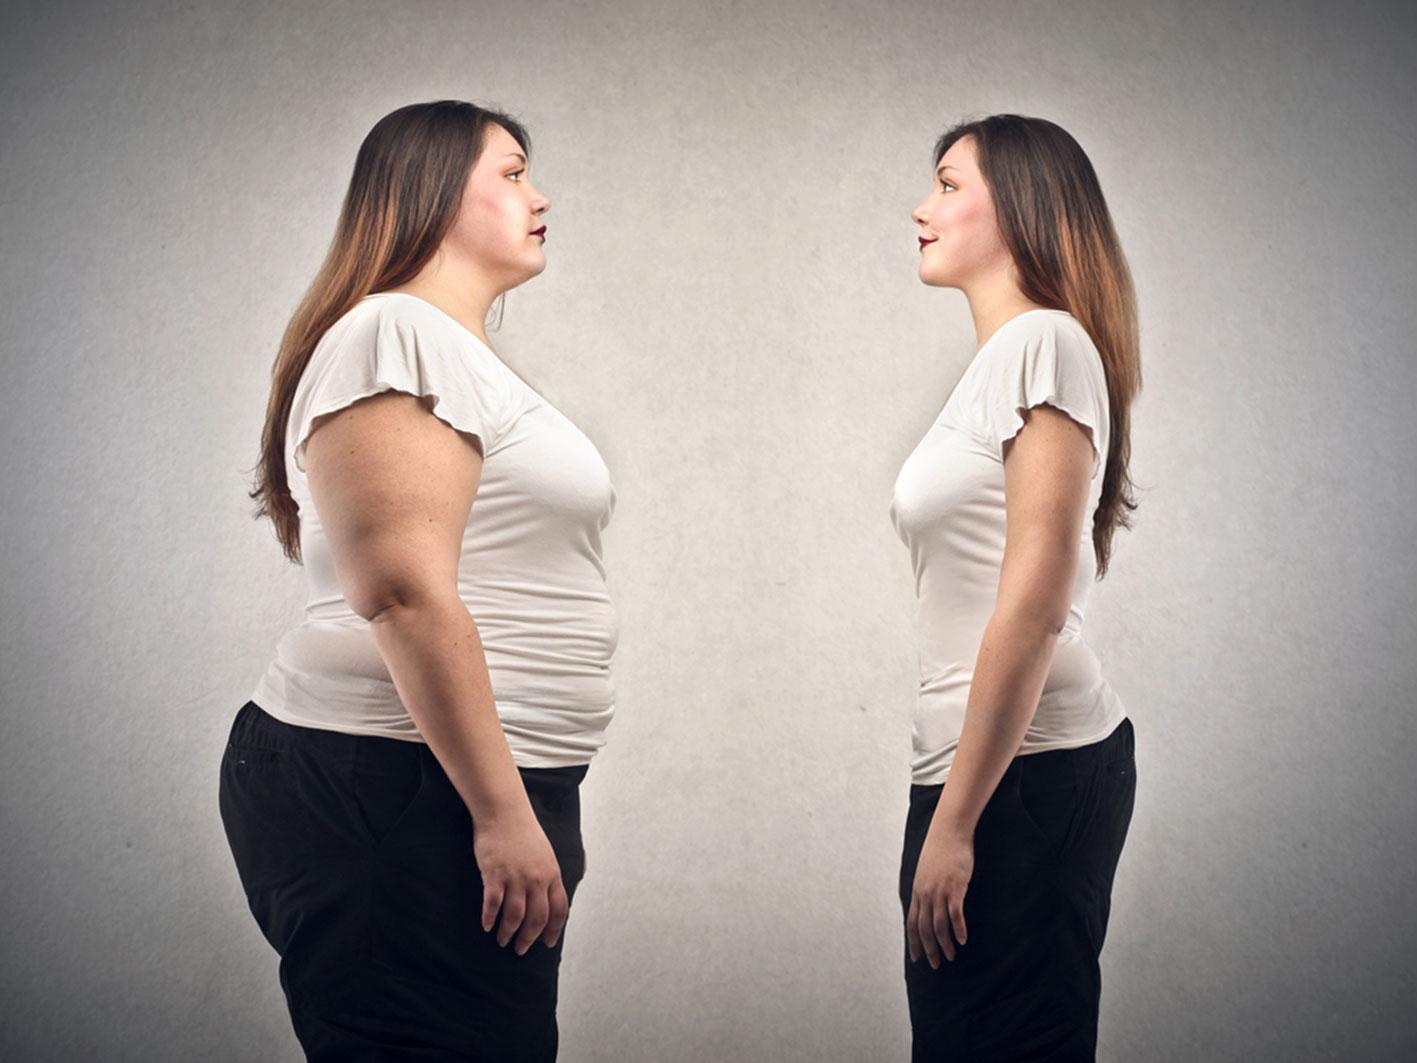 דימוי גוף משפיע על הביטחון העצמי? | שולי זלצמן ביטון | מאמנת אישית בירושלים